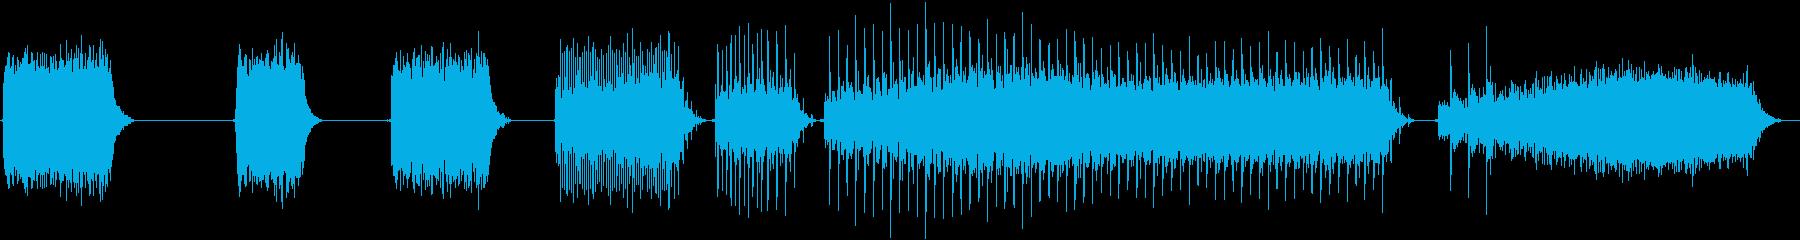 トーンシンセサイザーホワイトノイズ...の再生済みの波形